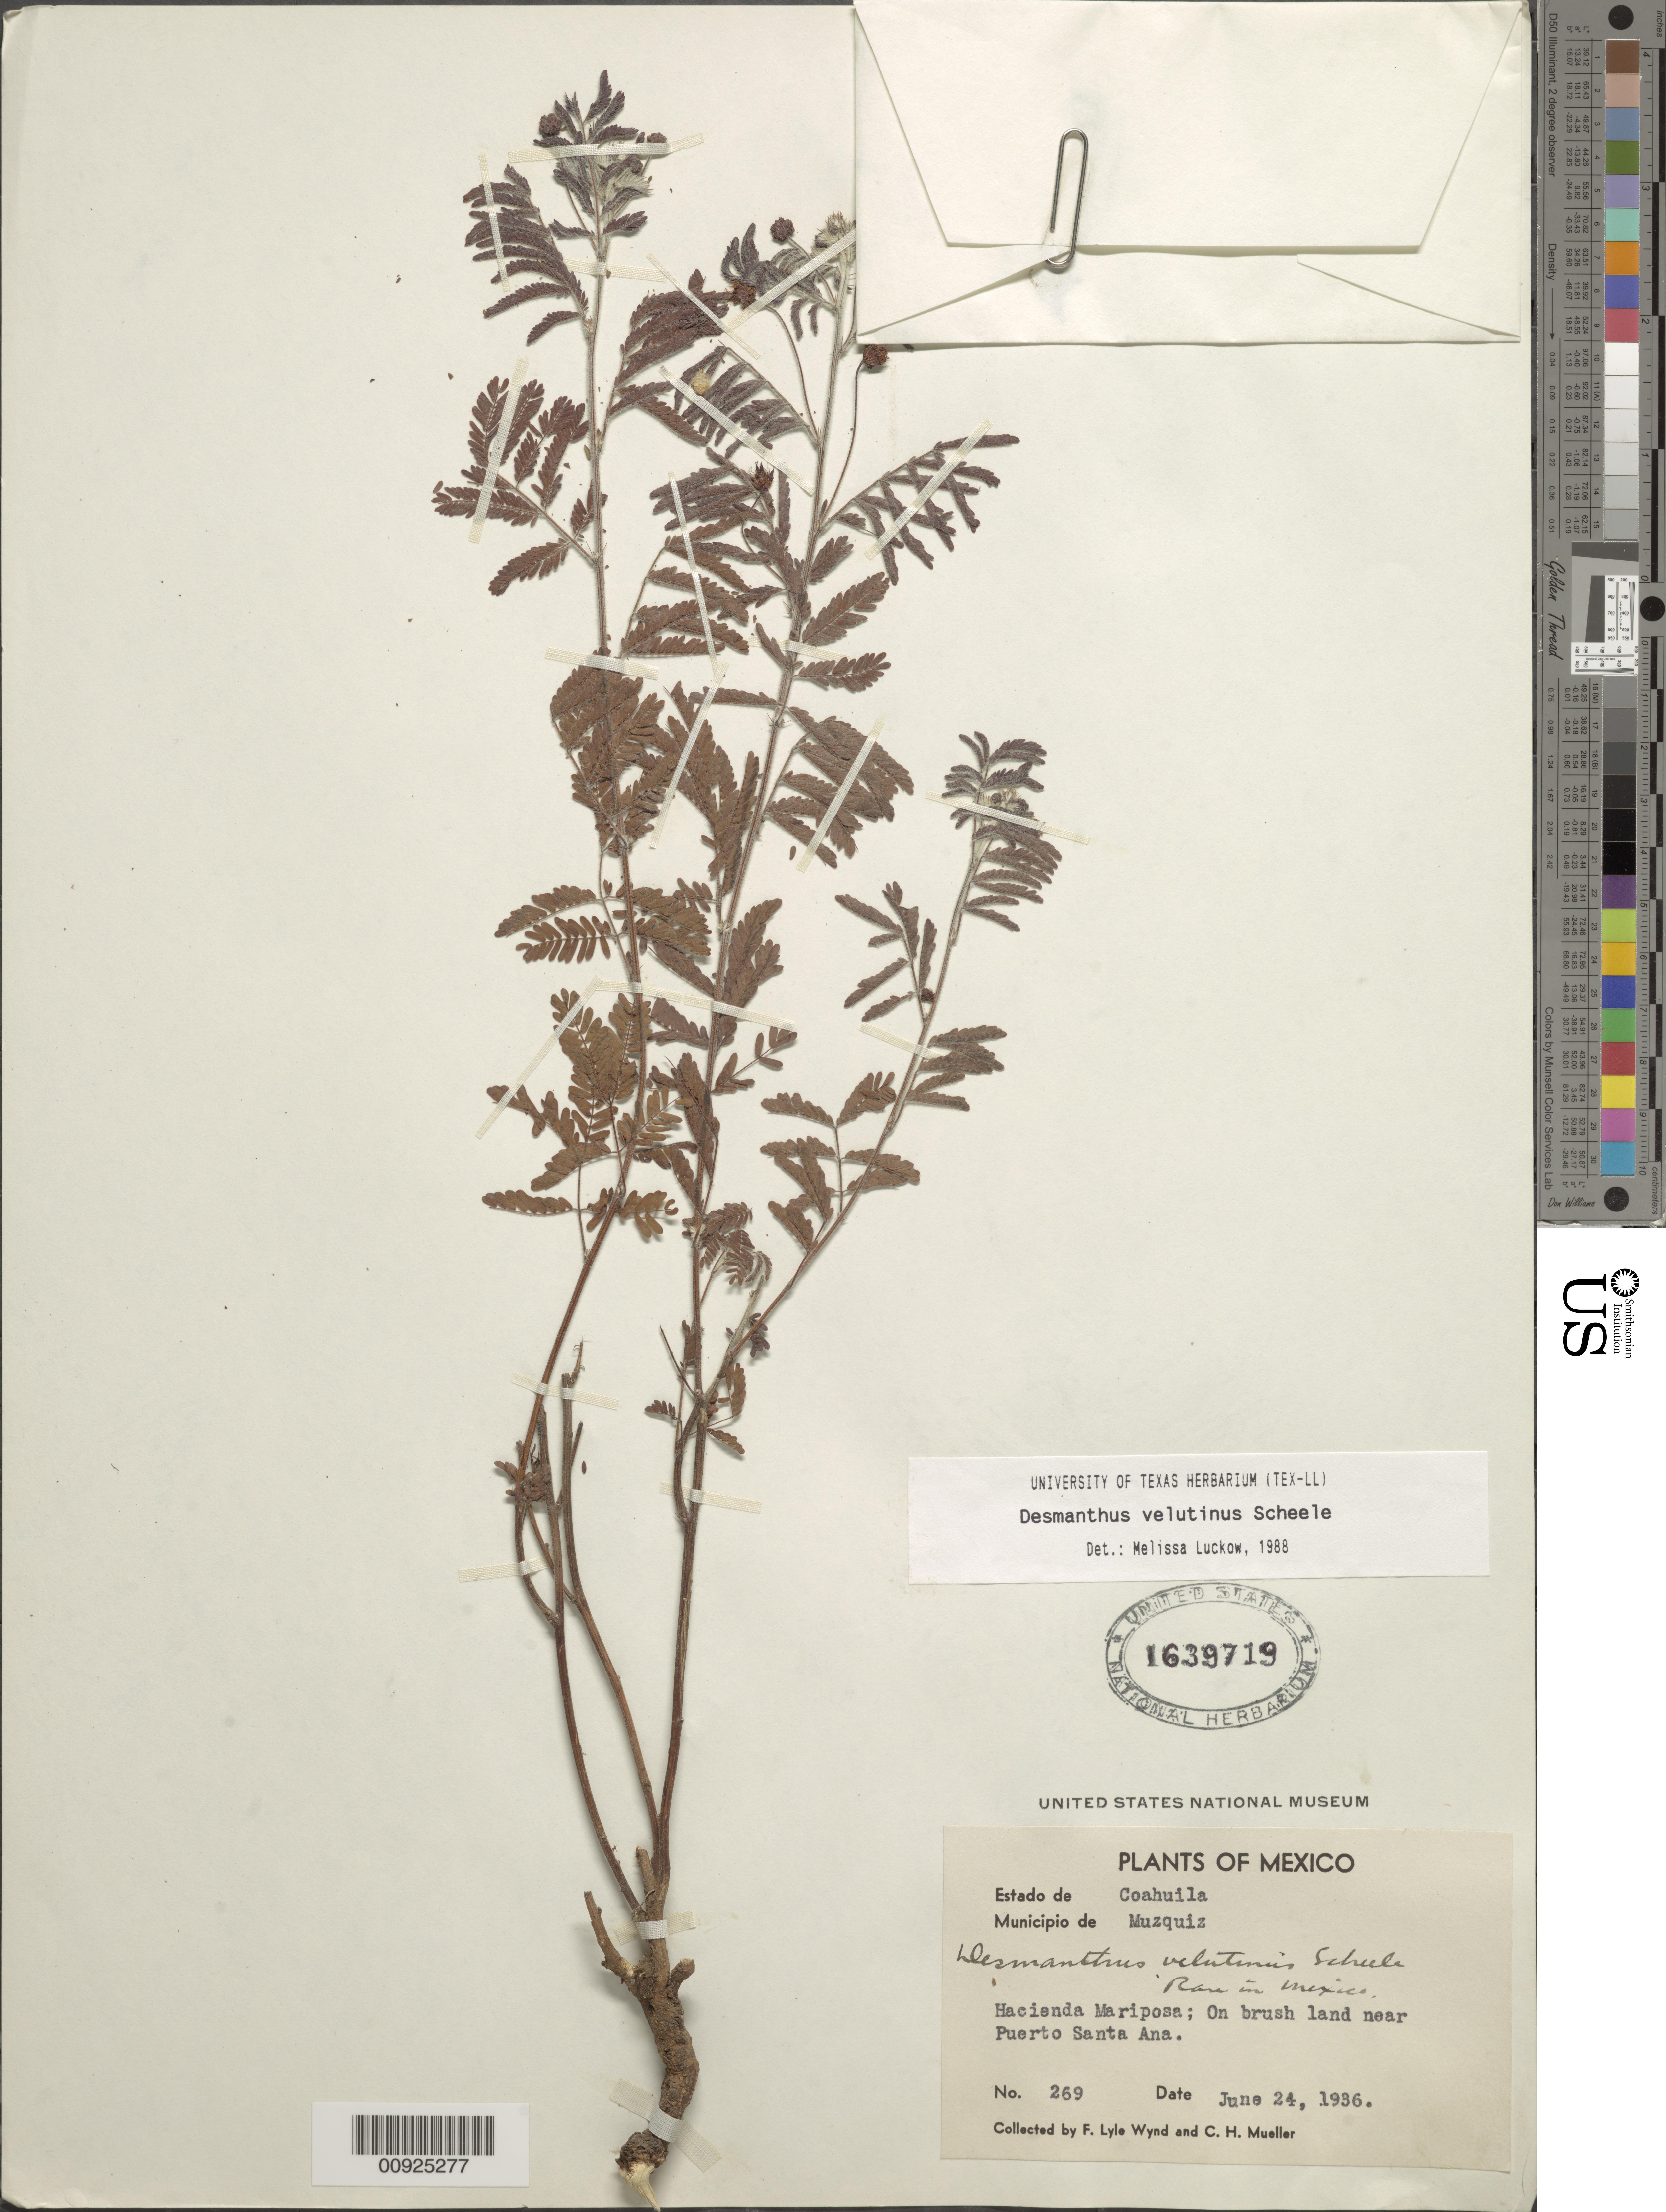 Image of velvet bundleflower